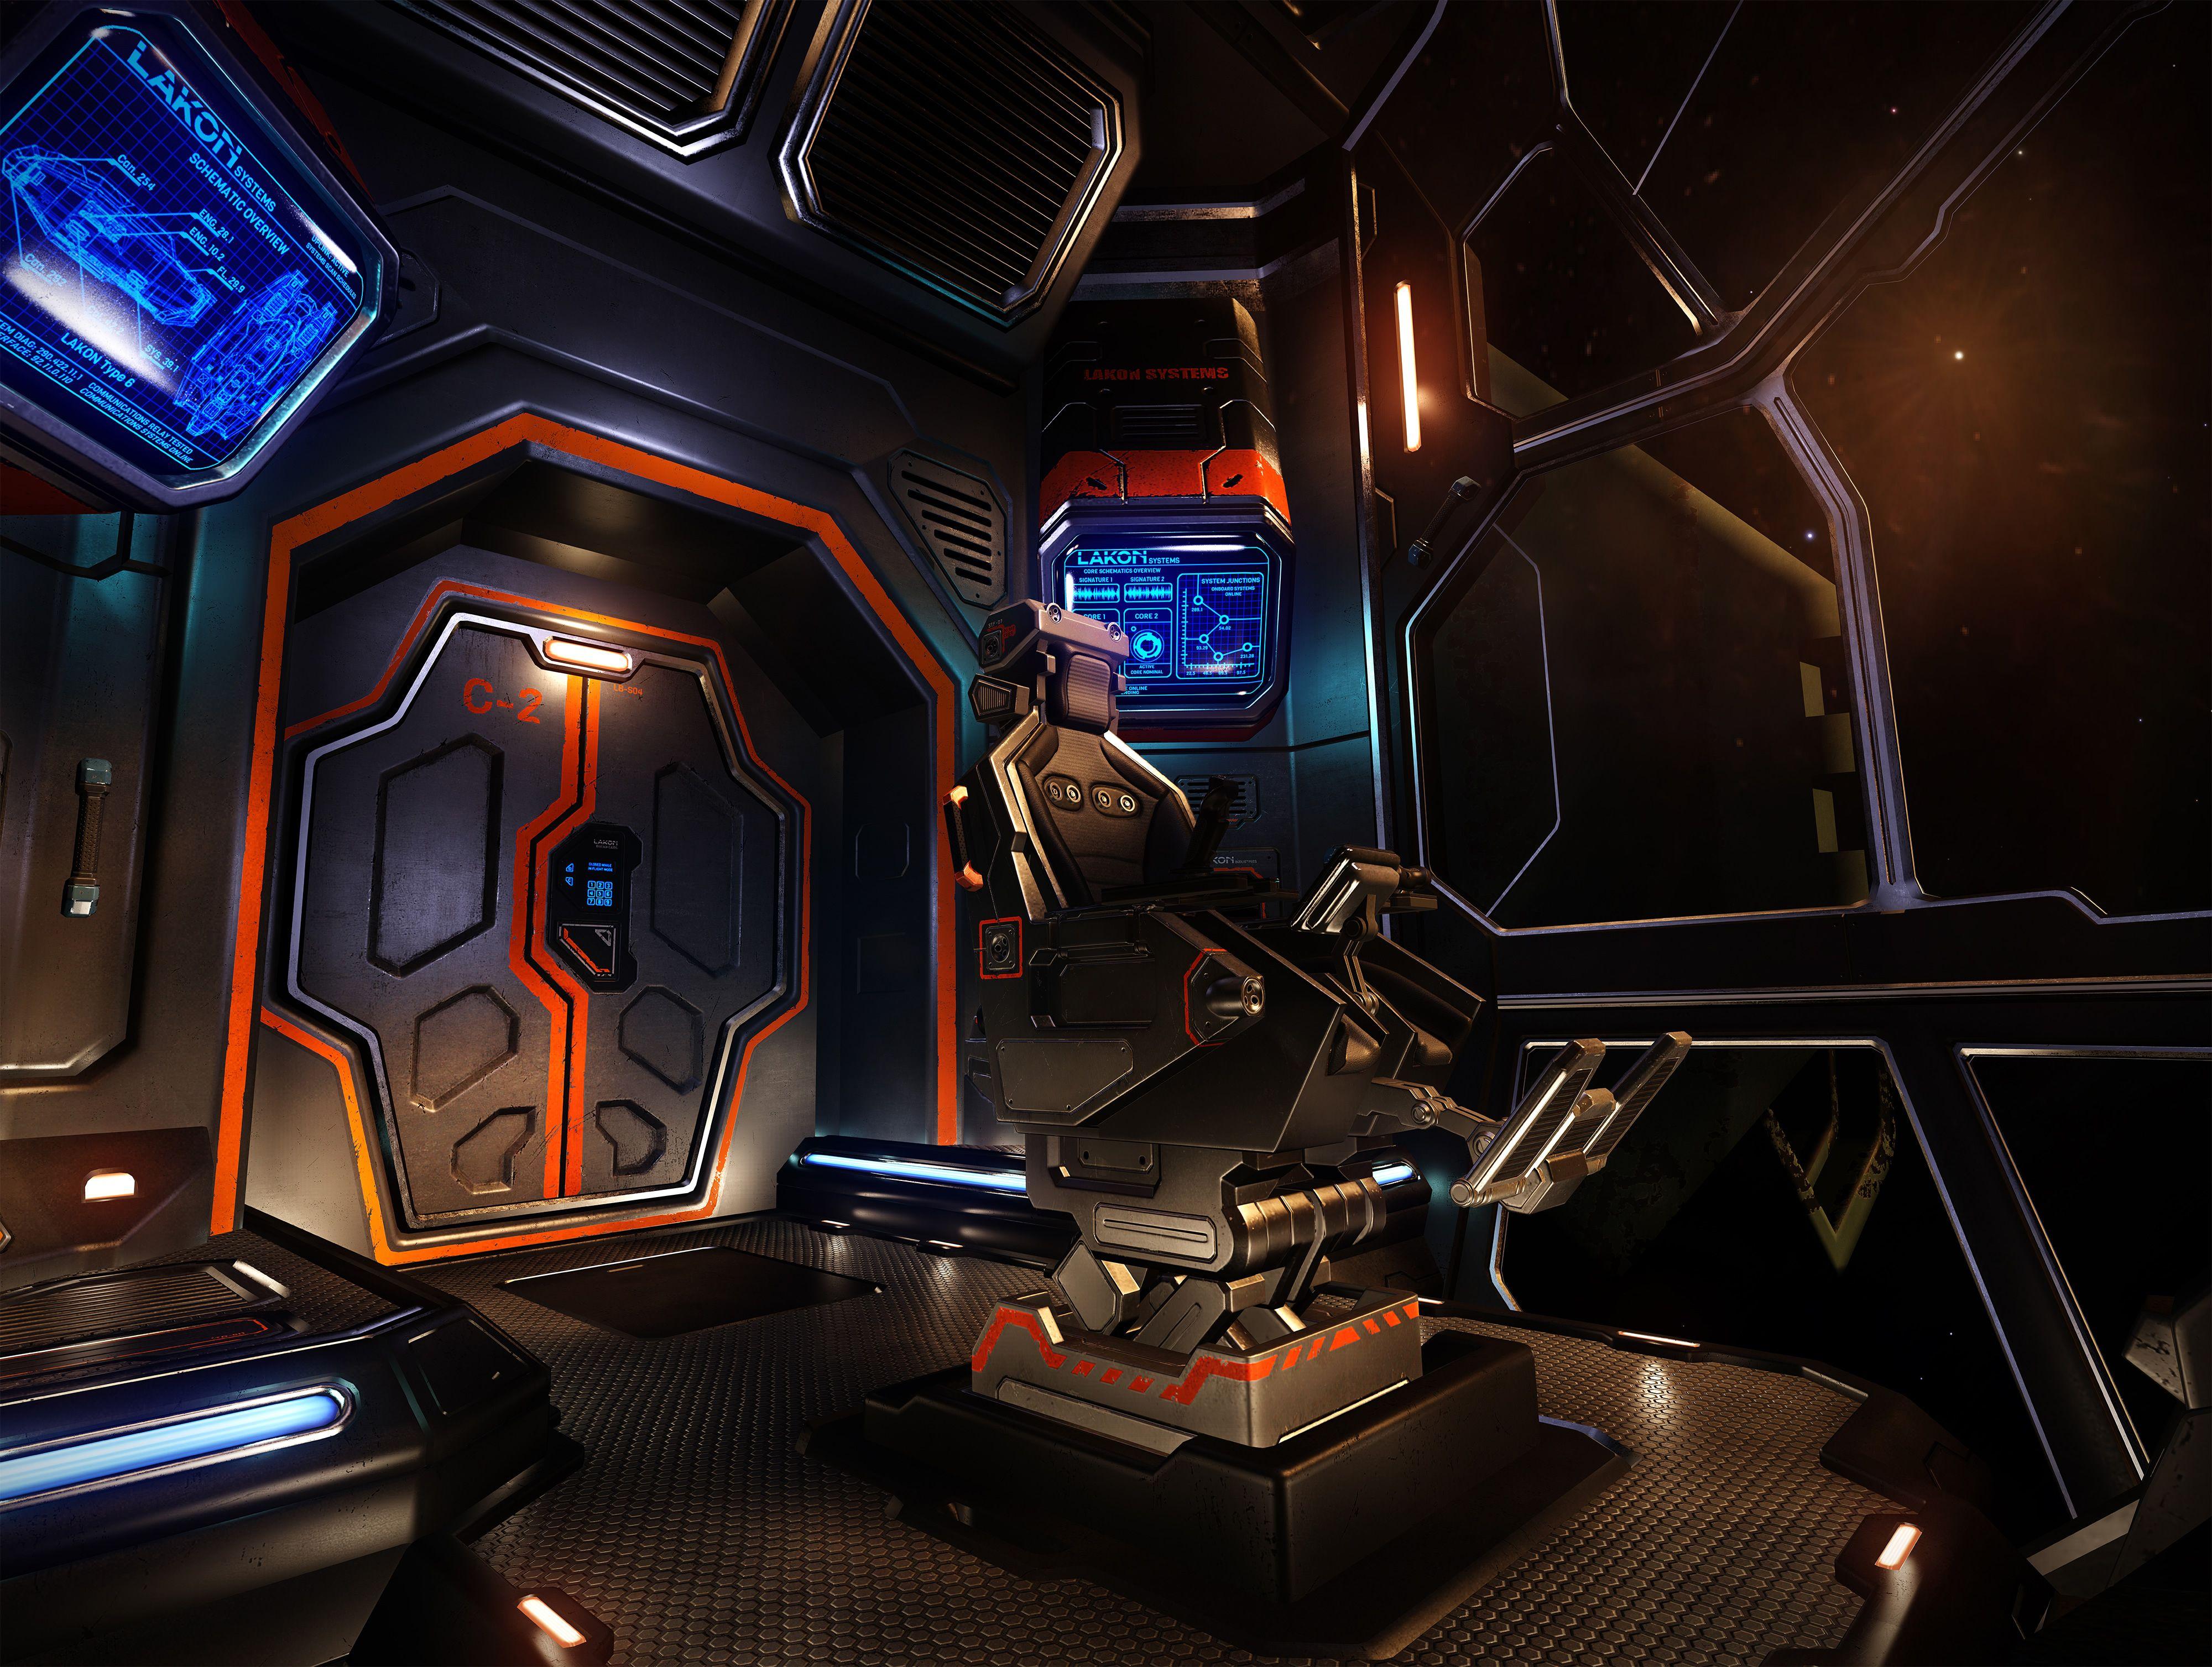 Elite Dangerous Cockpit Gaming - Year of Clean Water